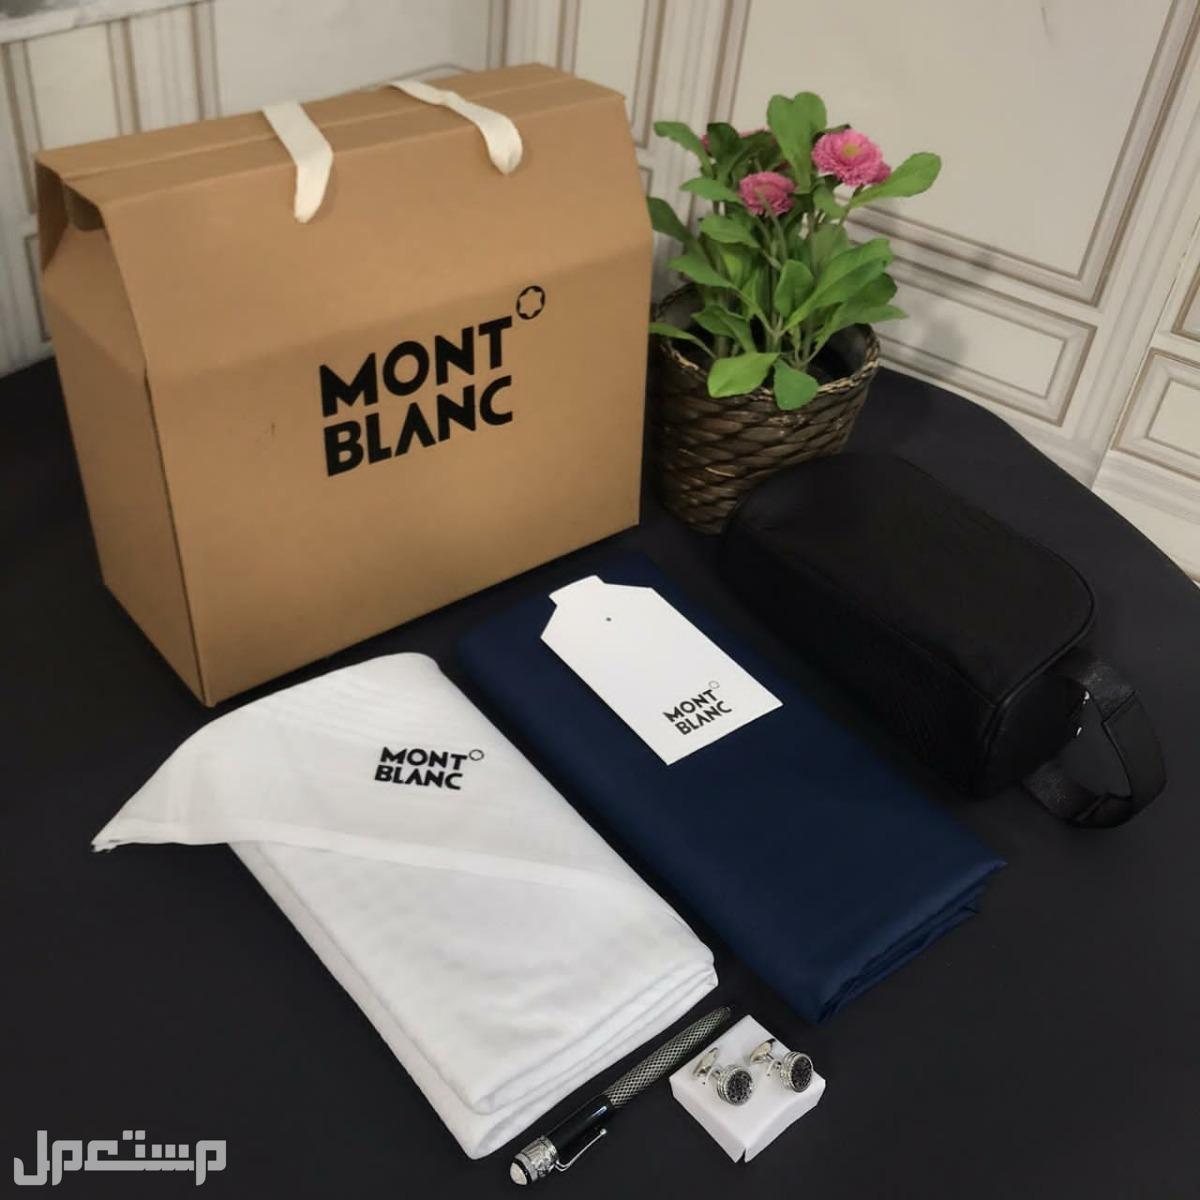 بوكس رجالي رائع ماركة مونت بلانك نفس الصورة  بسعر جدا مغري